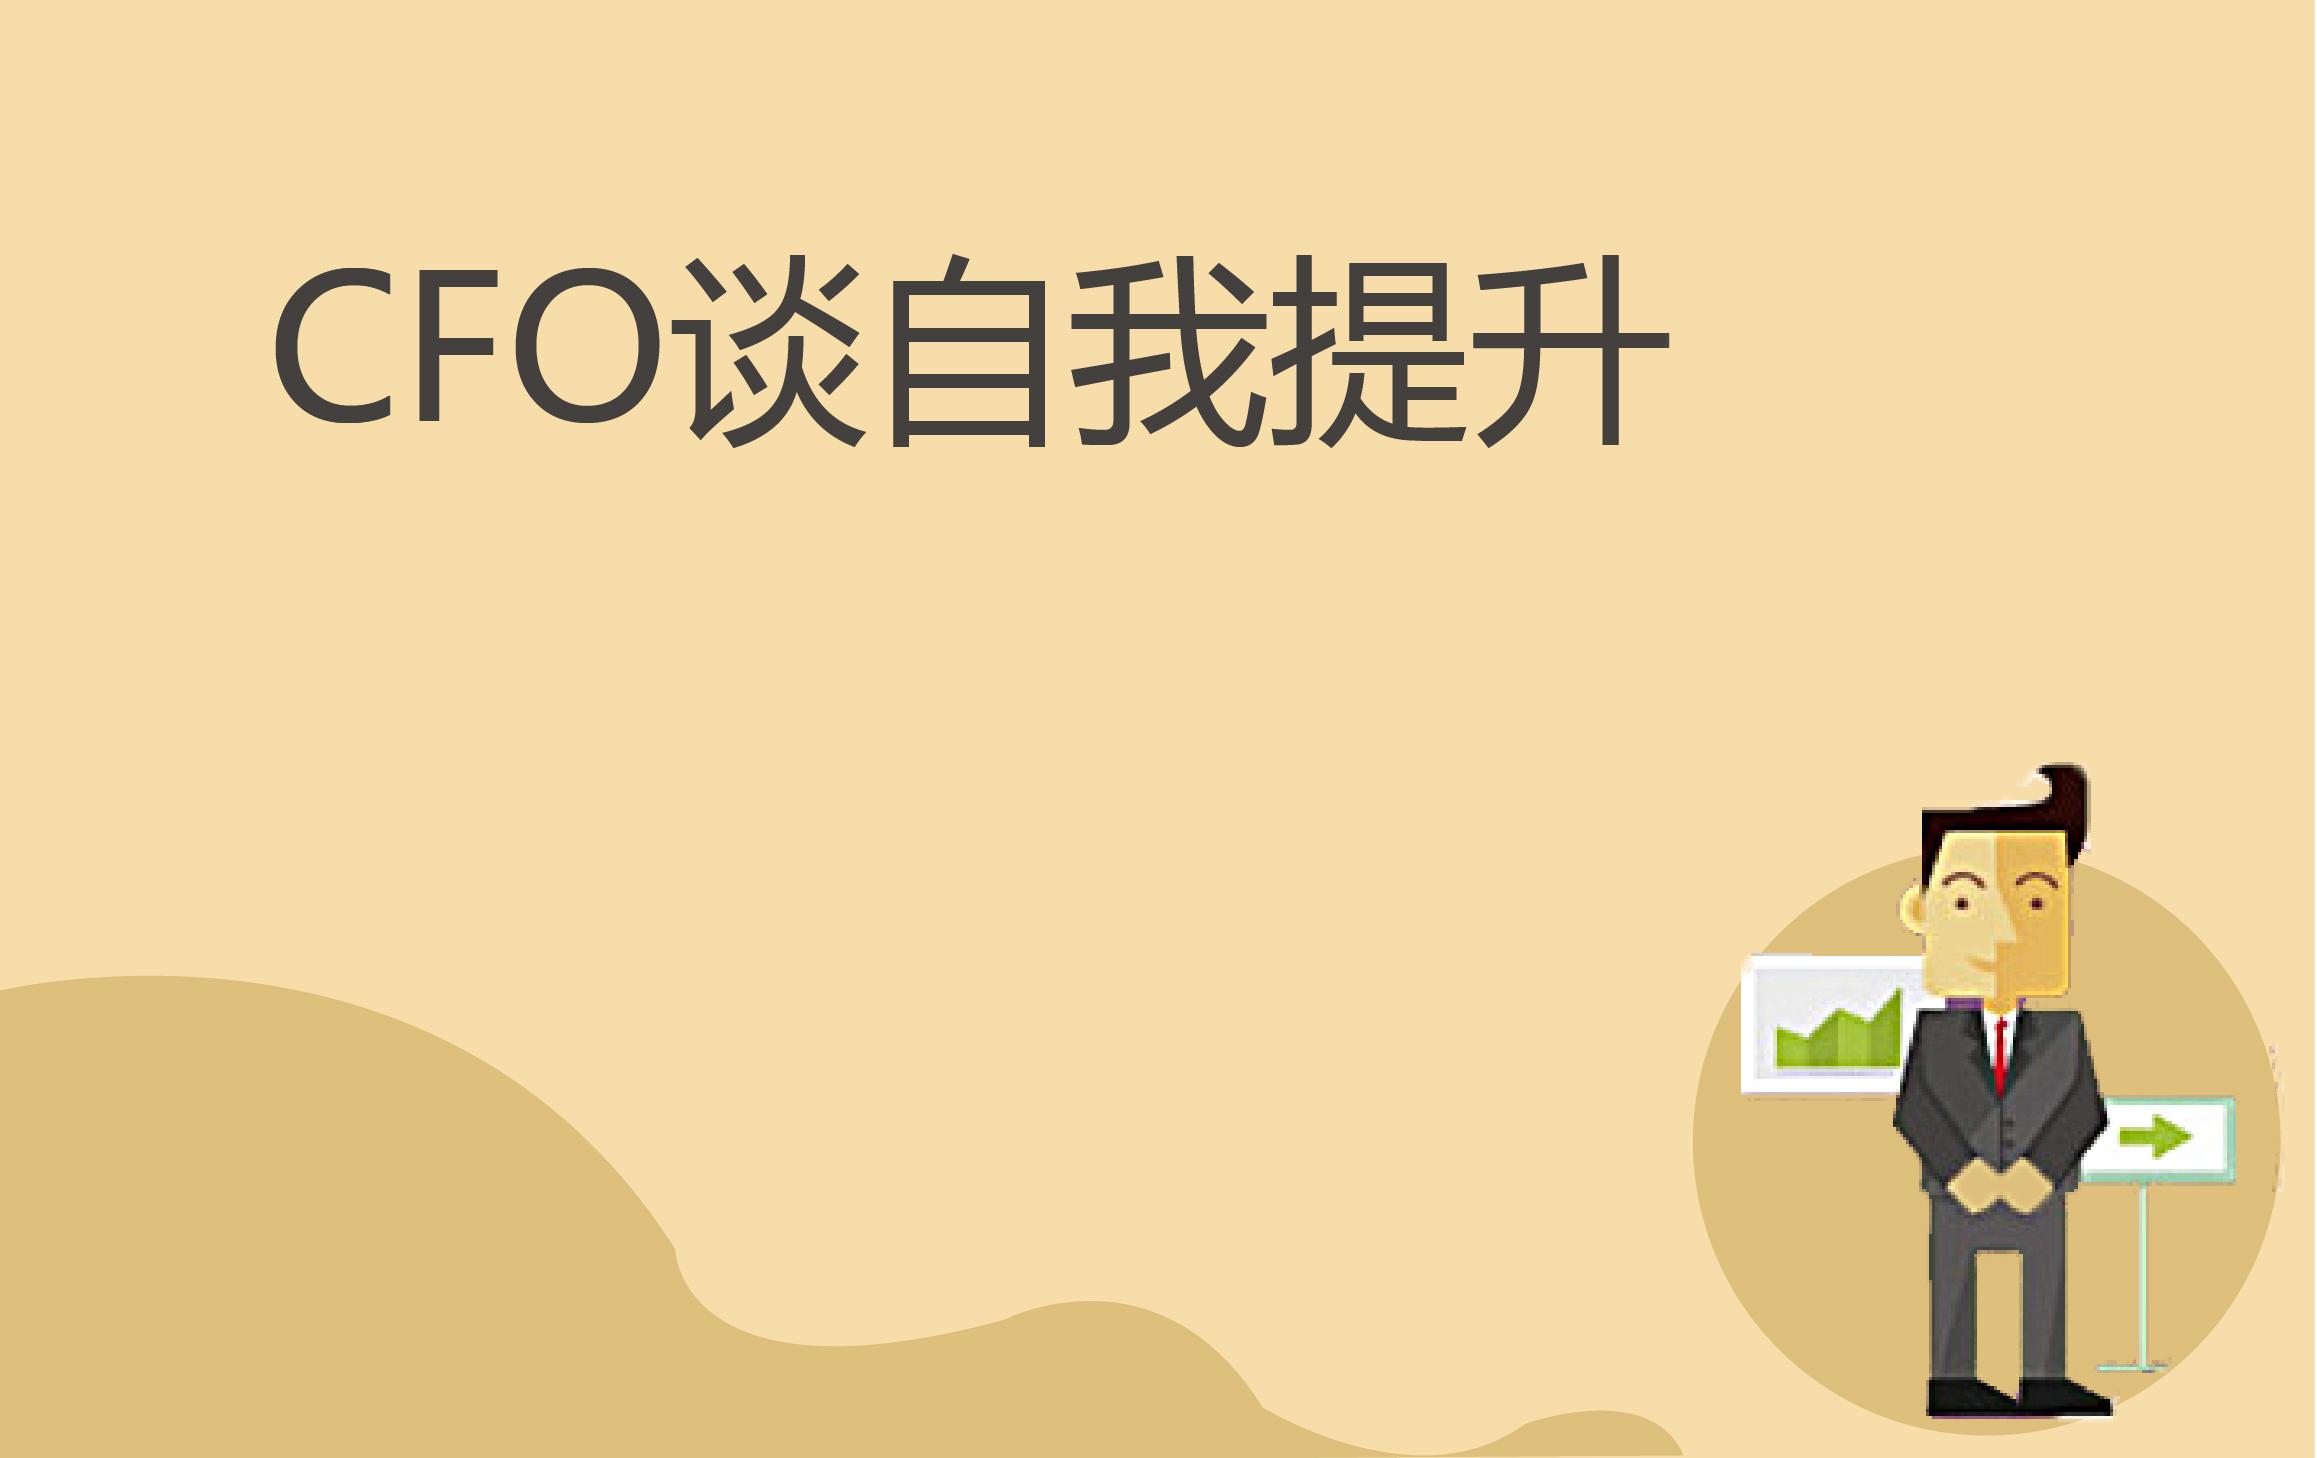 500强企业CFO谈财务人员成长之道(北京站)